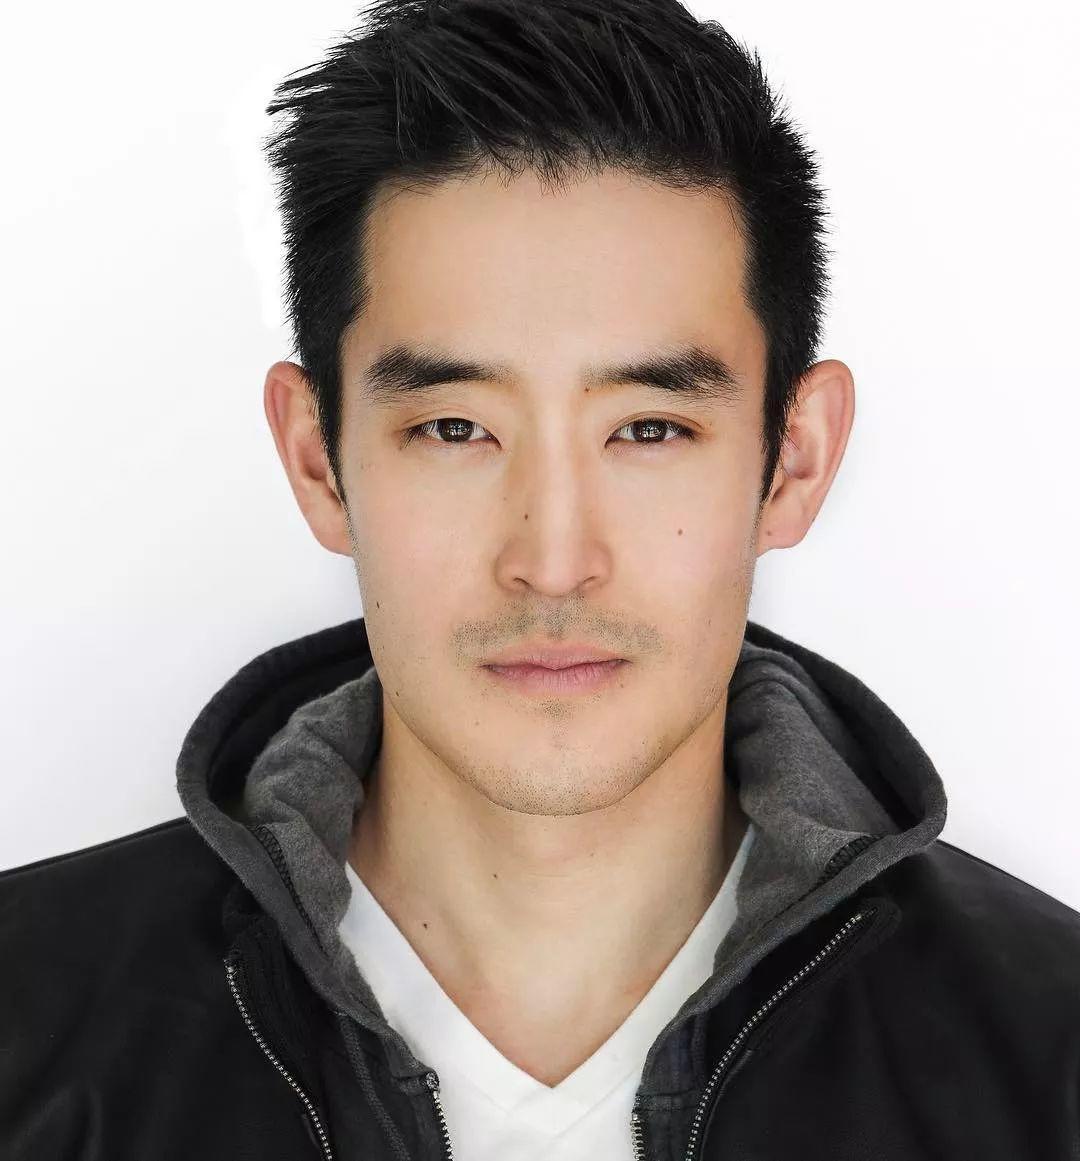 好莱坞亚裔男演员Mike Moh,不错的亚洲菜!